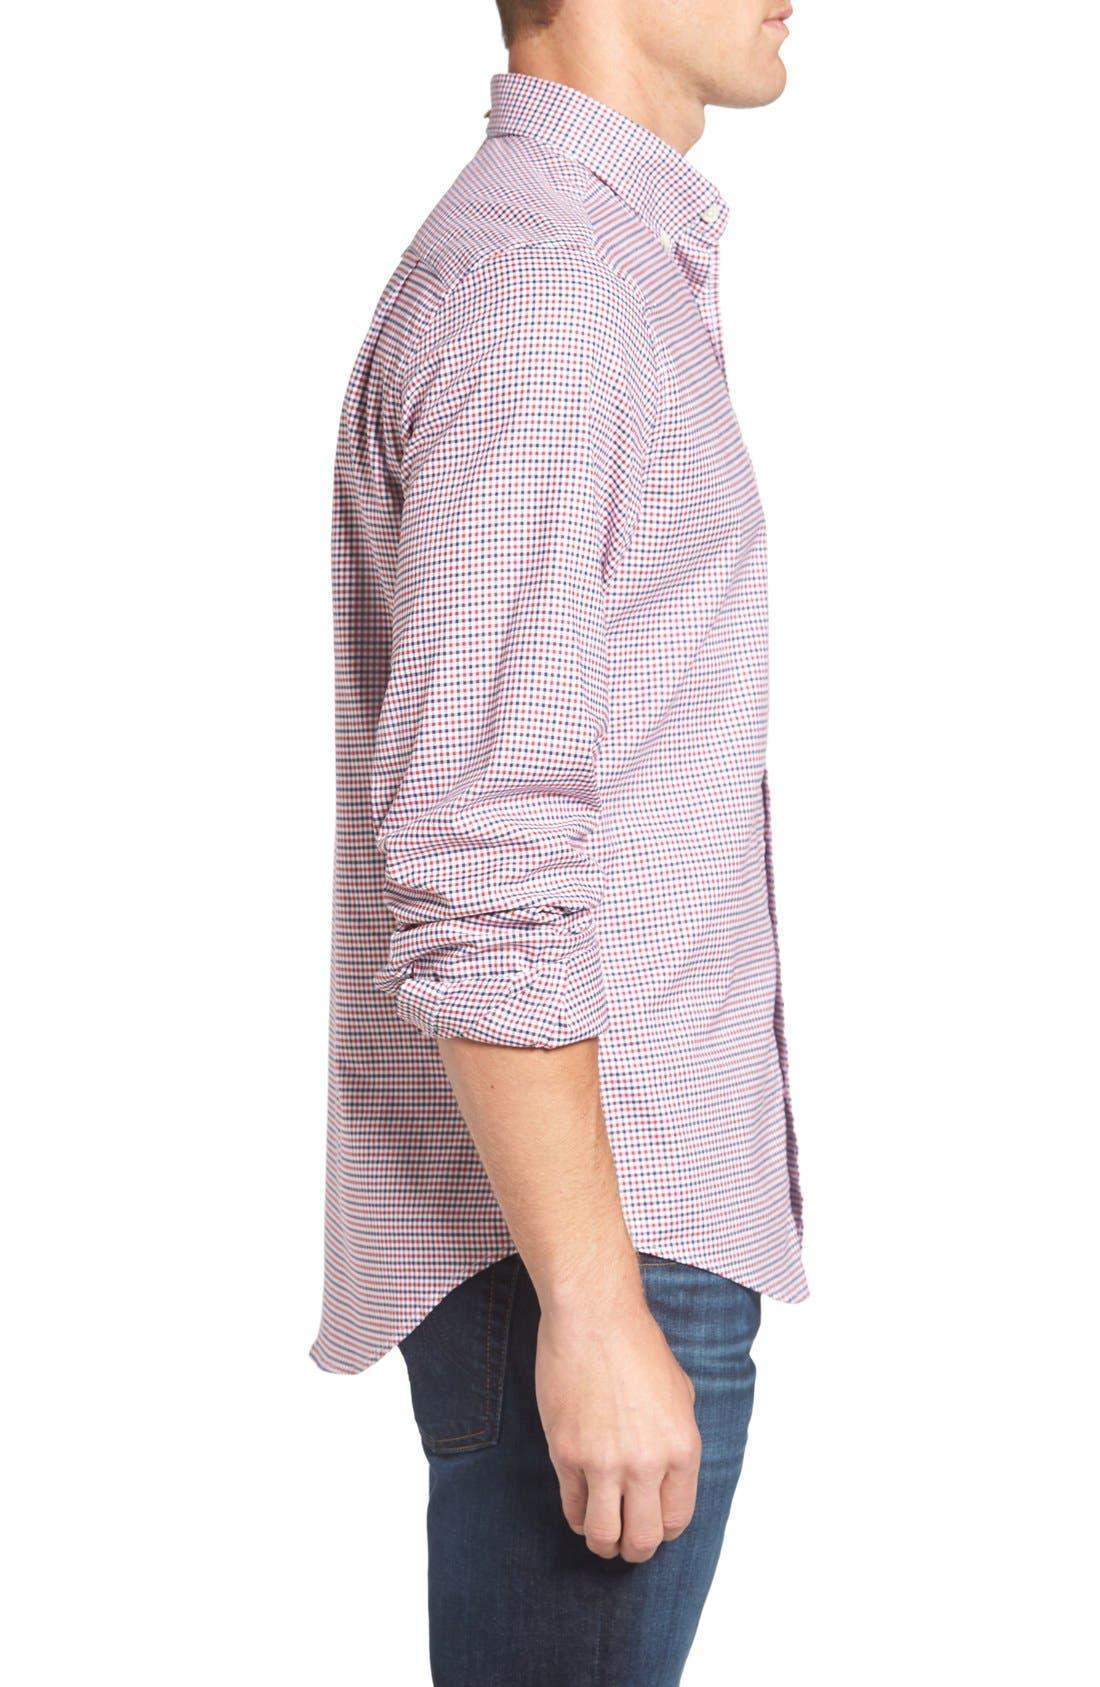 Alternate Image 3  - Gant Gingham Fitted Sport Shirt